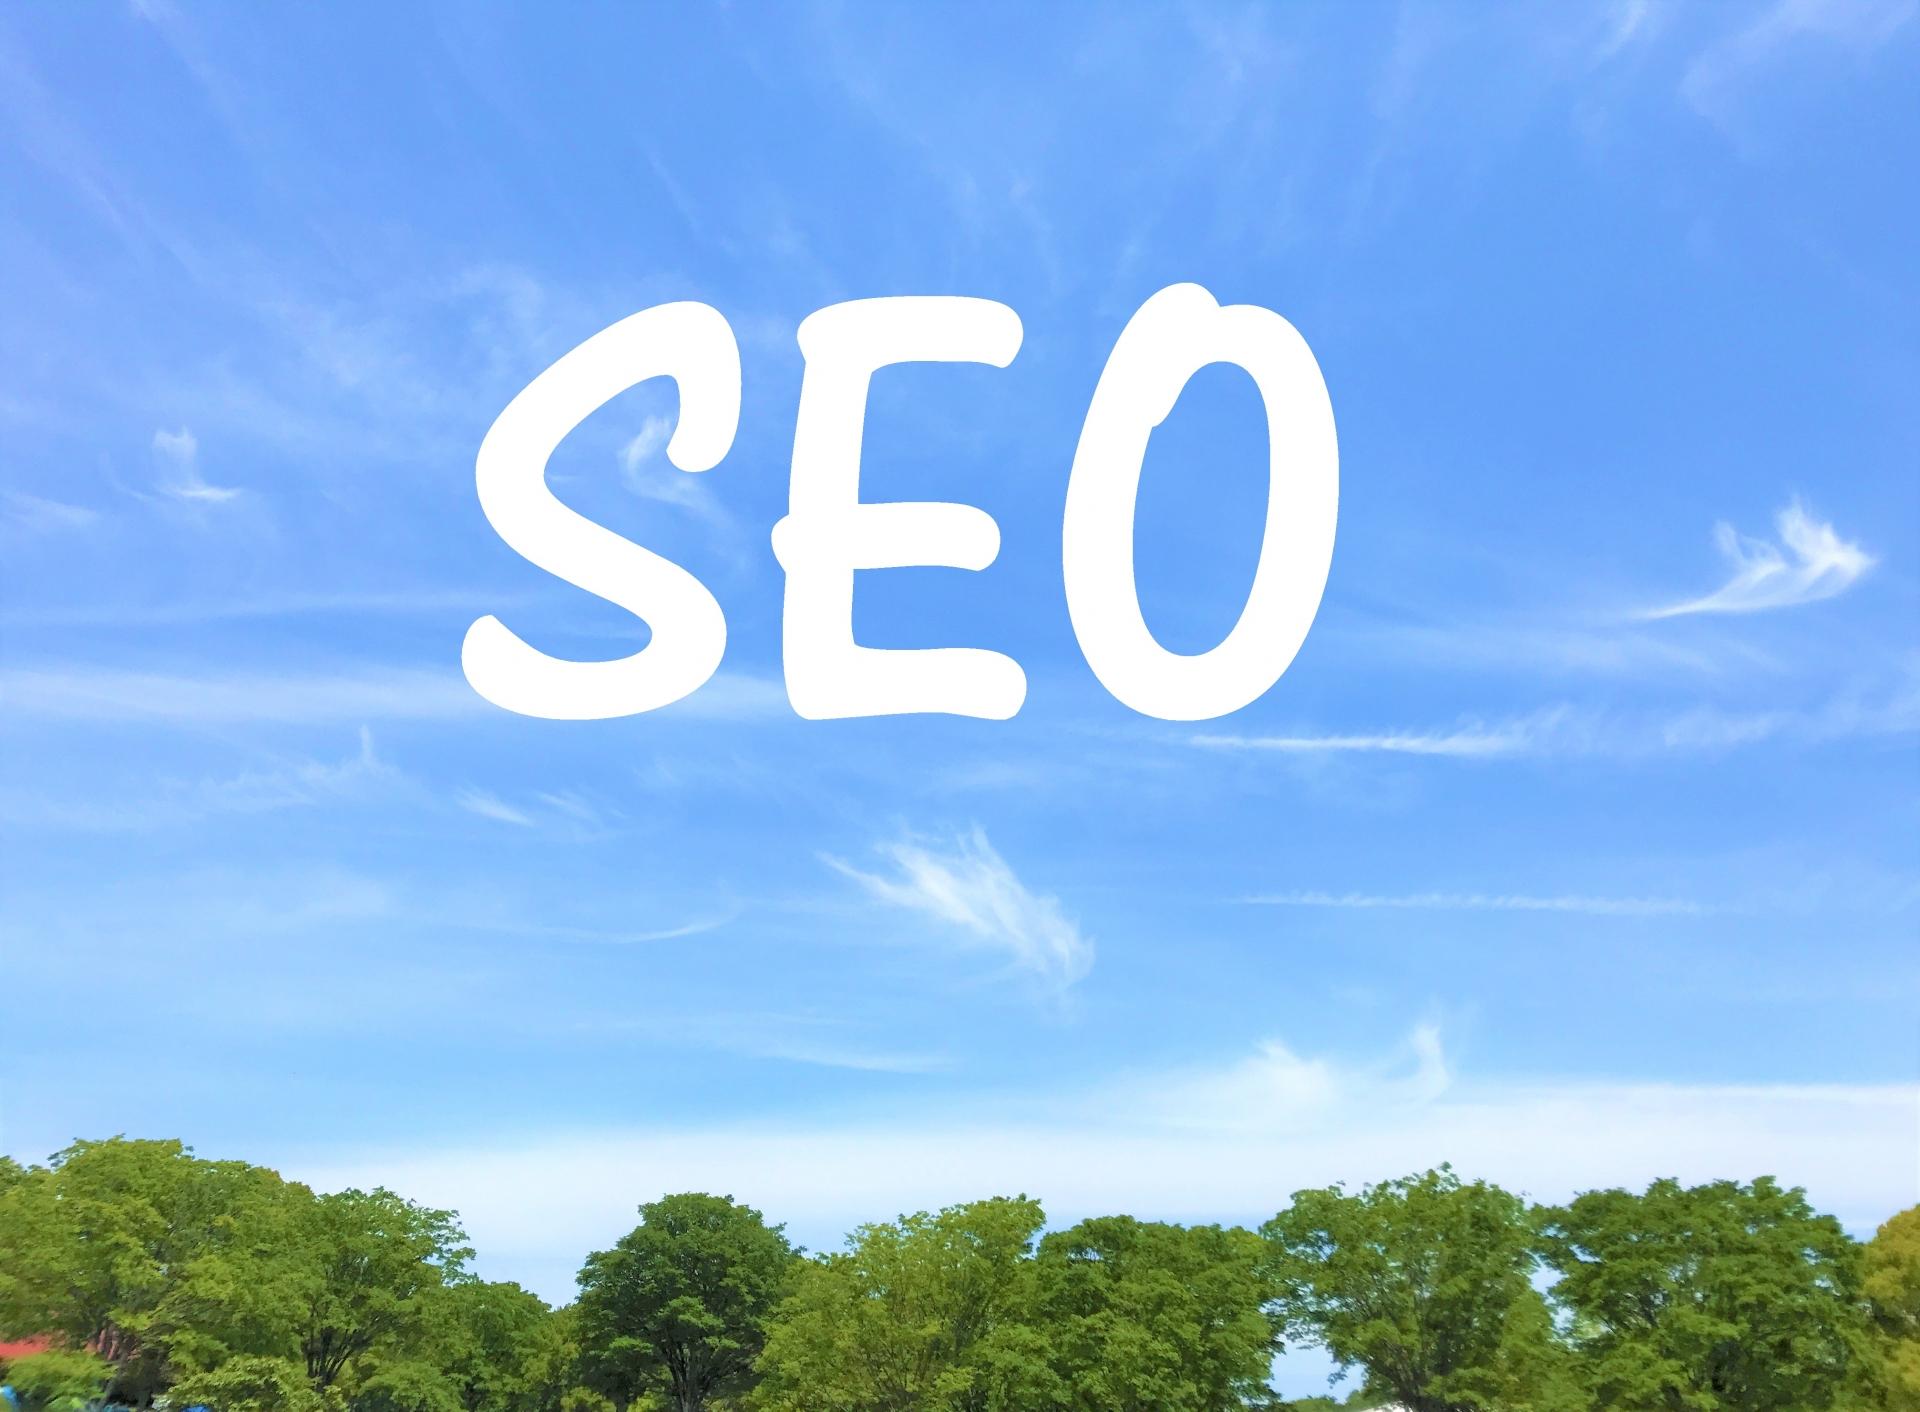 【基本の内部SEO対策】検索エンジンに自社ホームページをアピールする方法